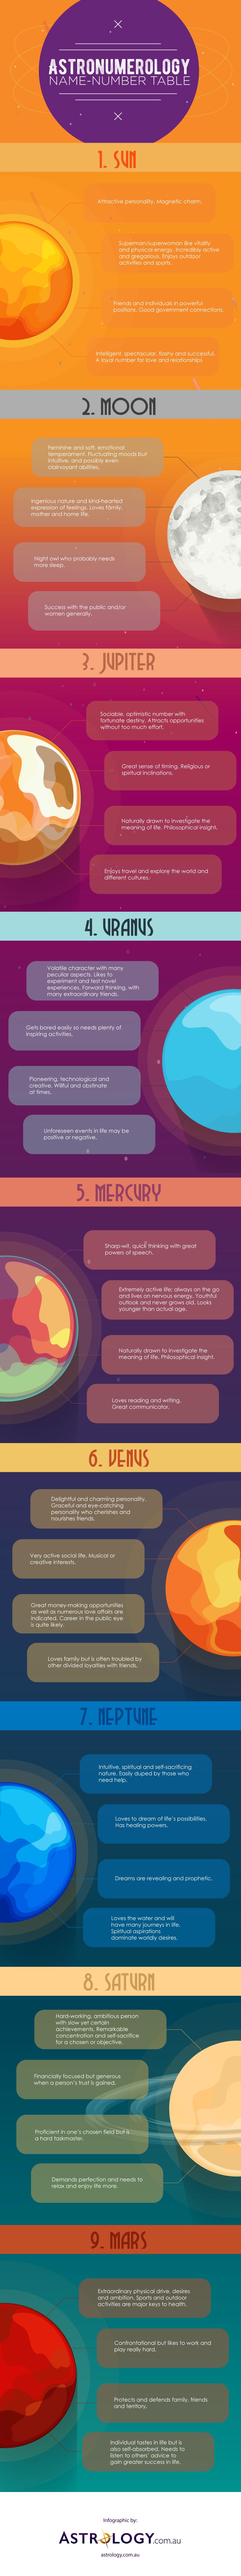 Astronumerology